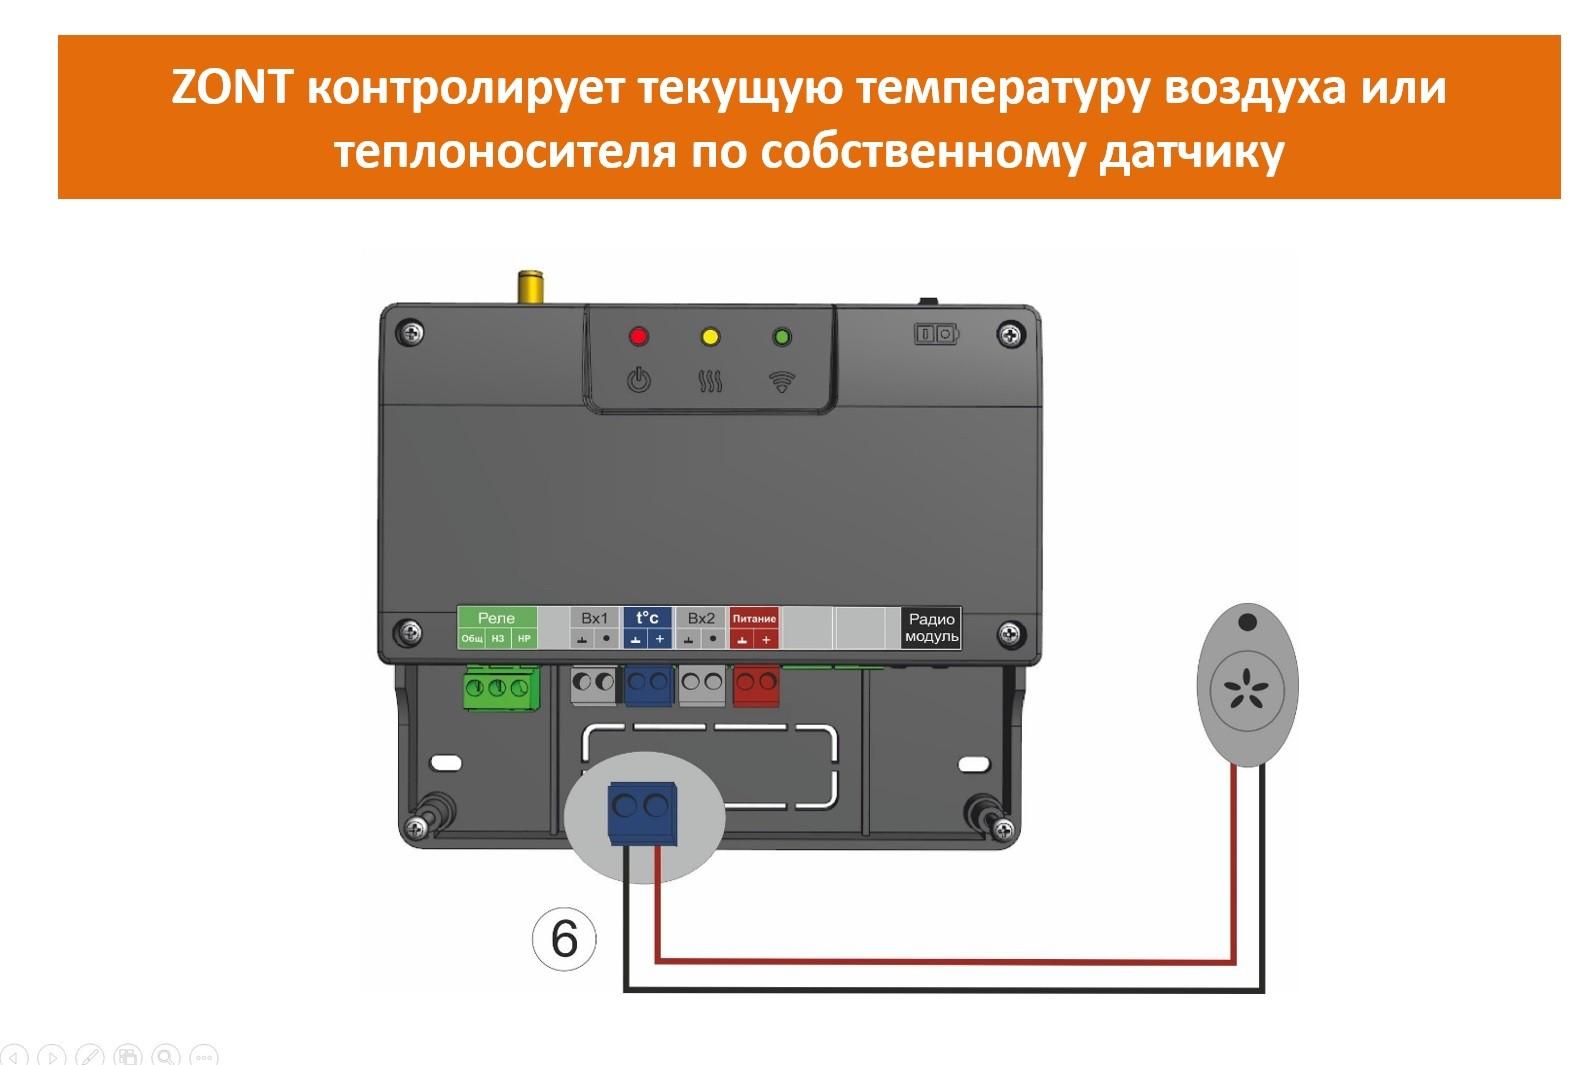 ZONT контролирует температуру воздуха или теплоносителя